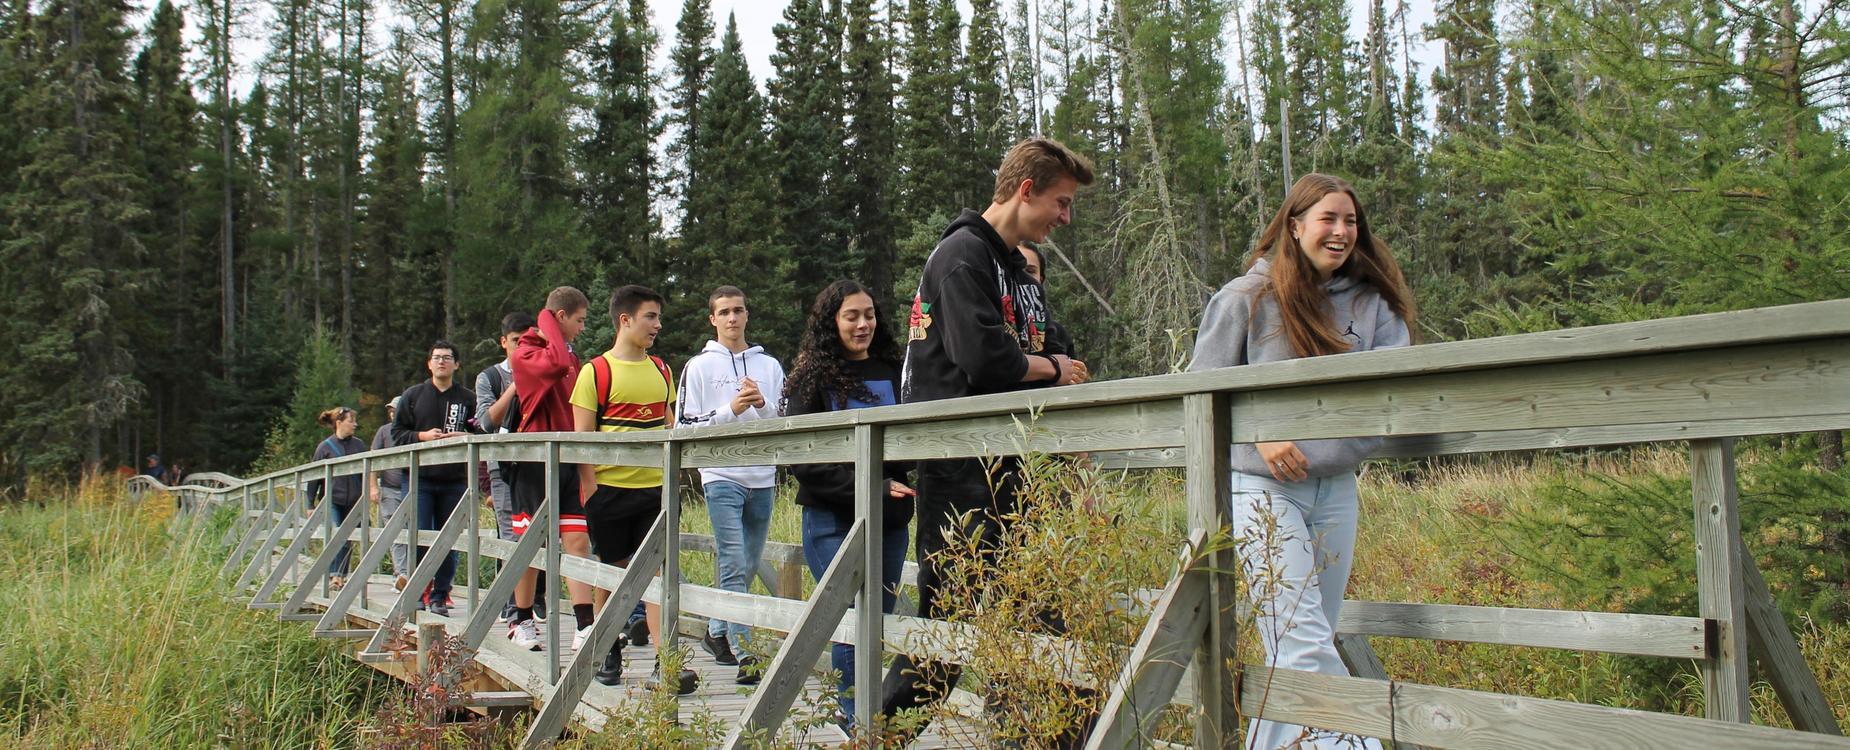 hiking at boreal trail